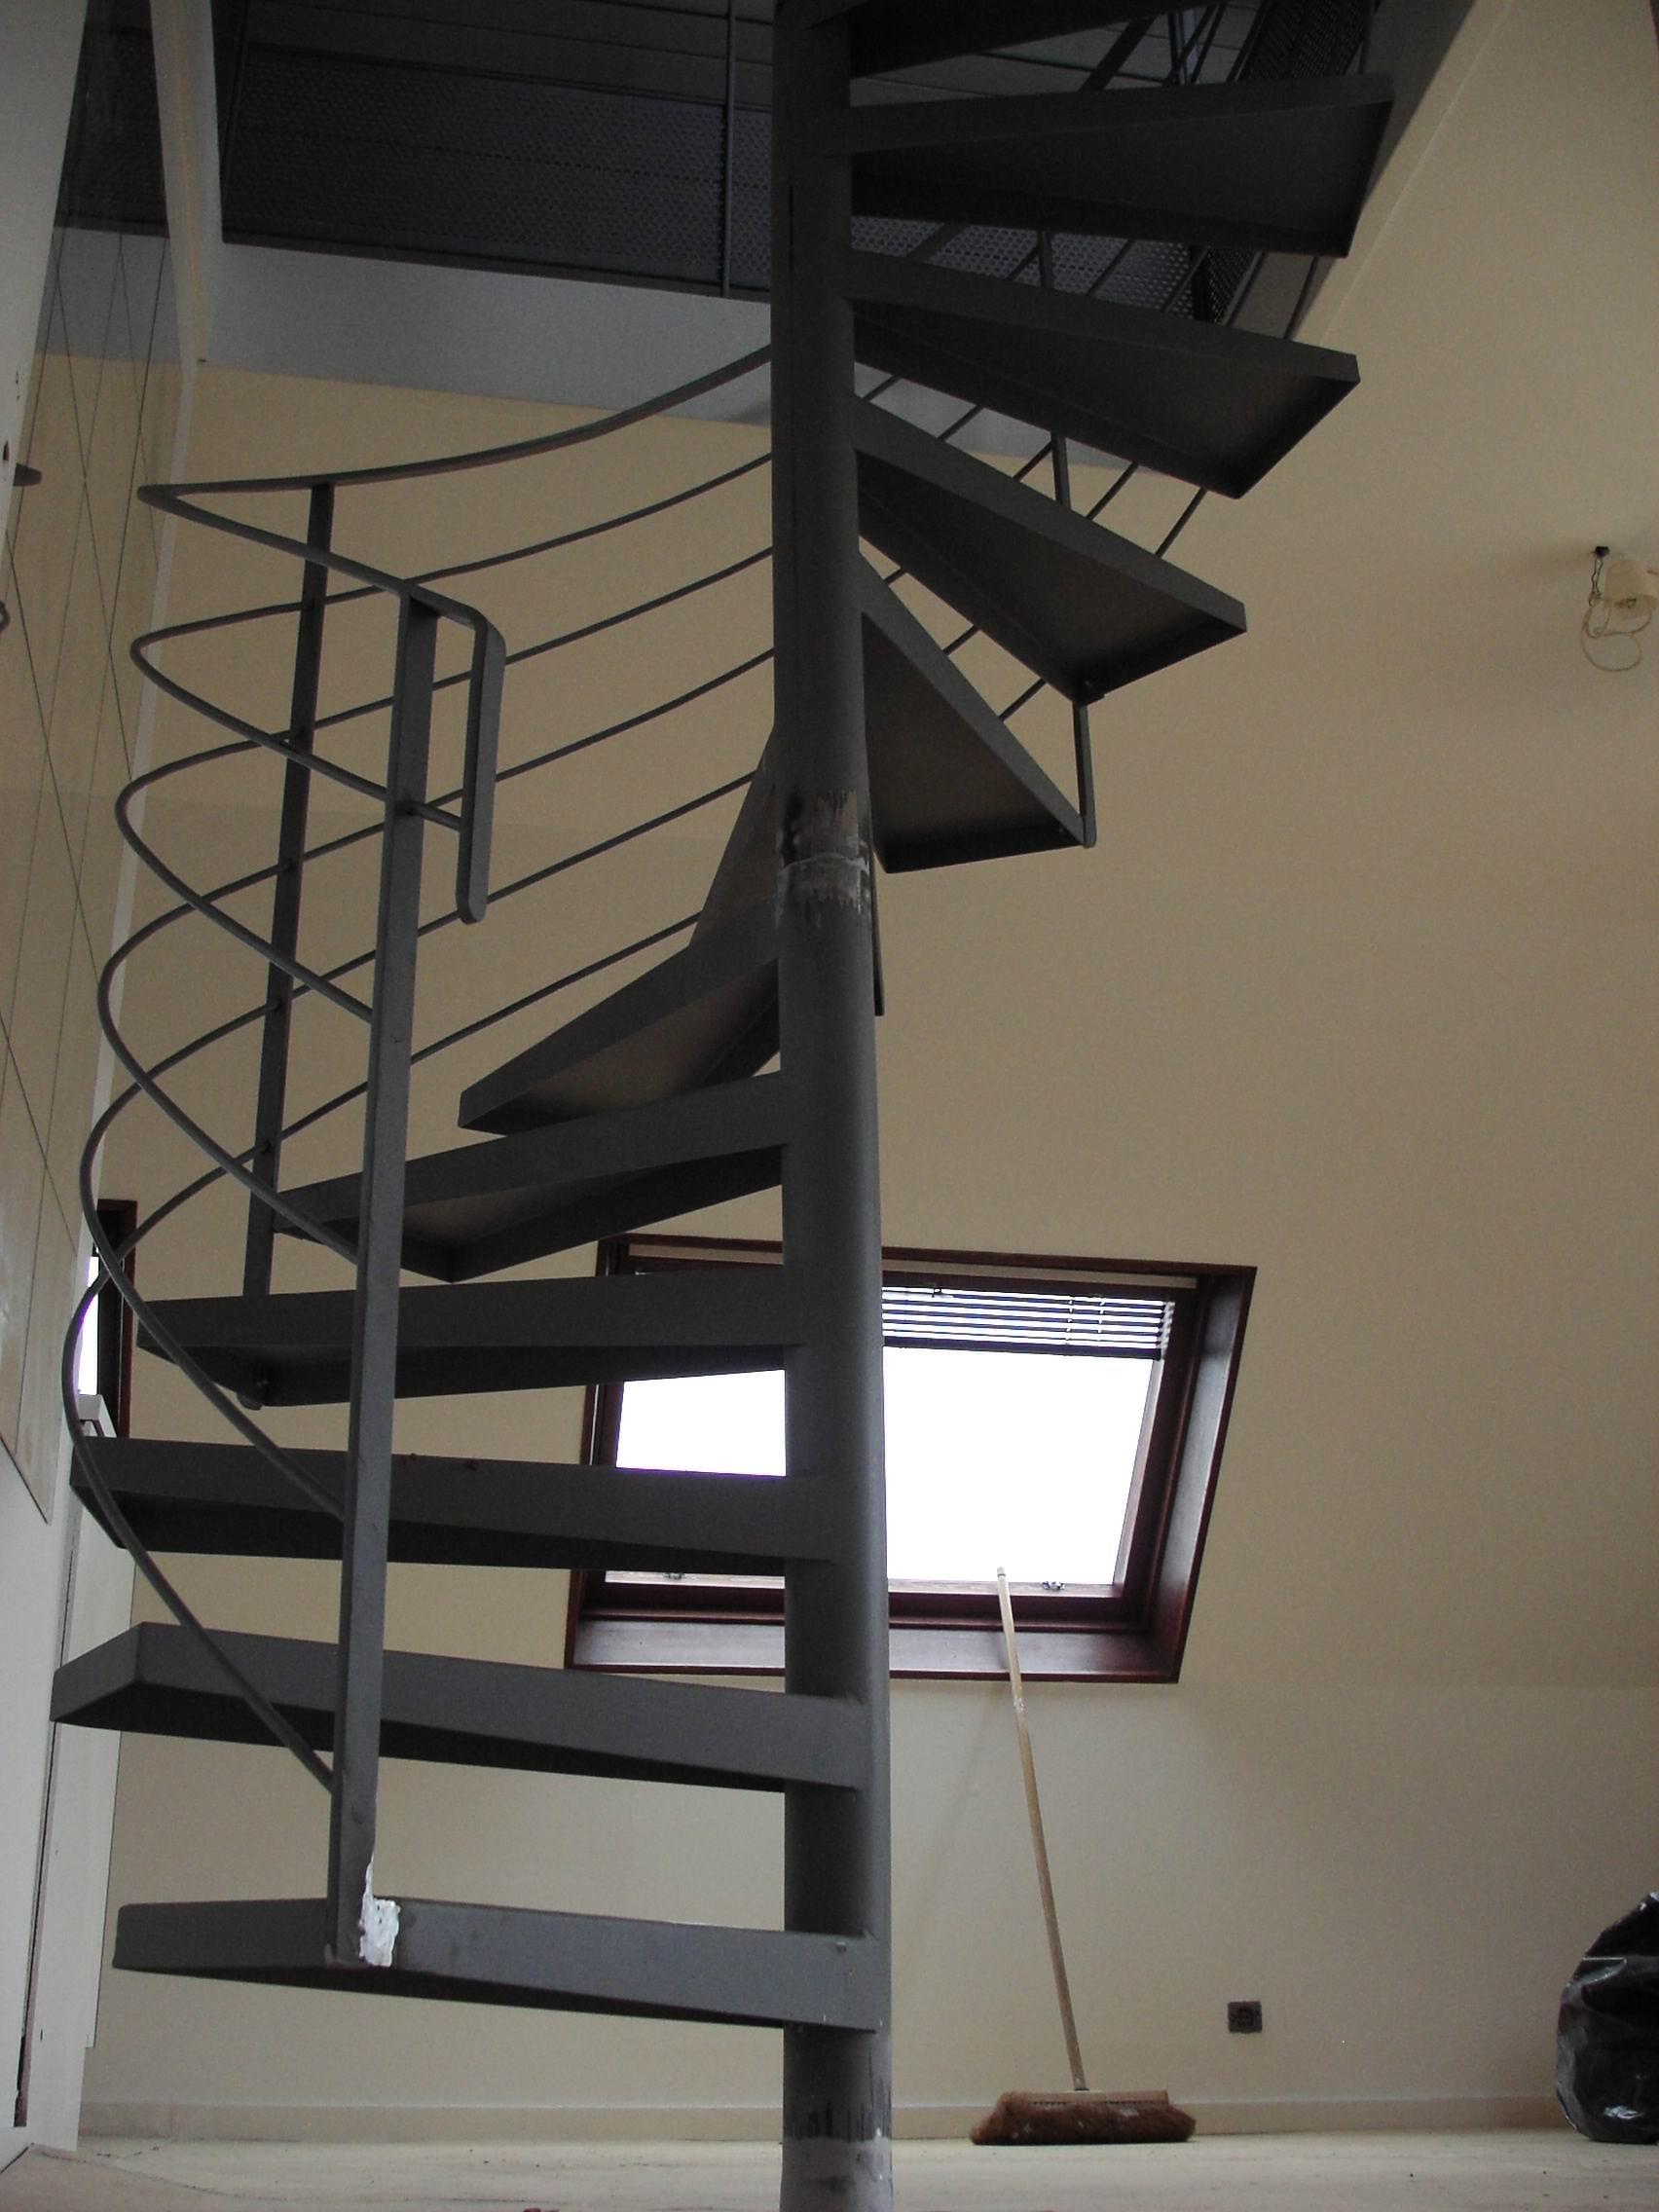 Assez ESCALIERS INTÉRIEURS HÉLICOÏDAUX - Billiet - Escaliers d'art  FV48